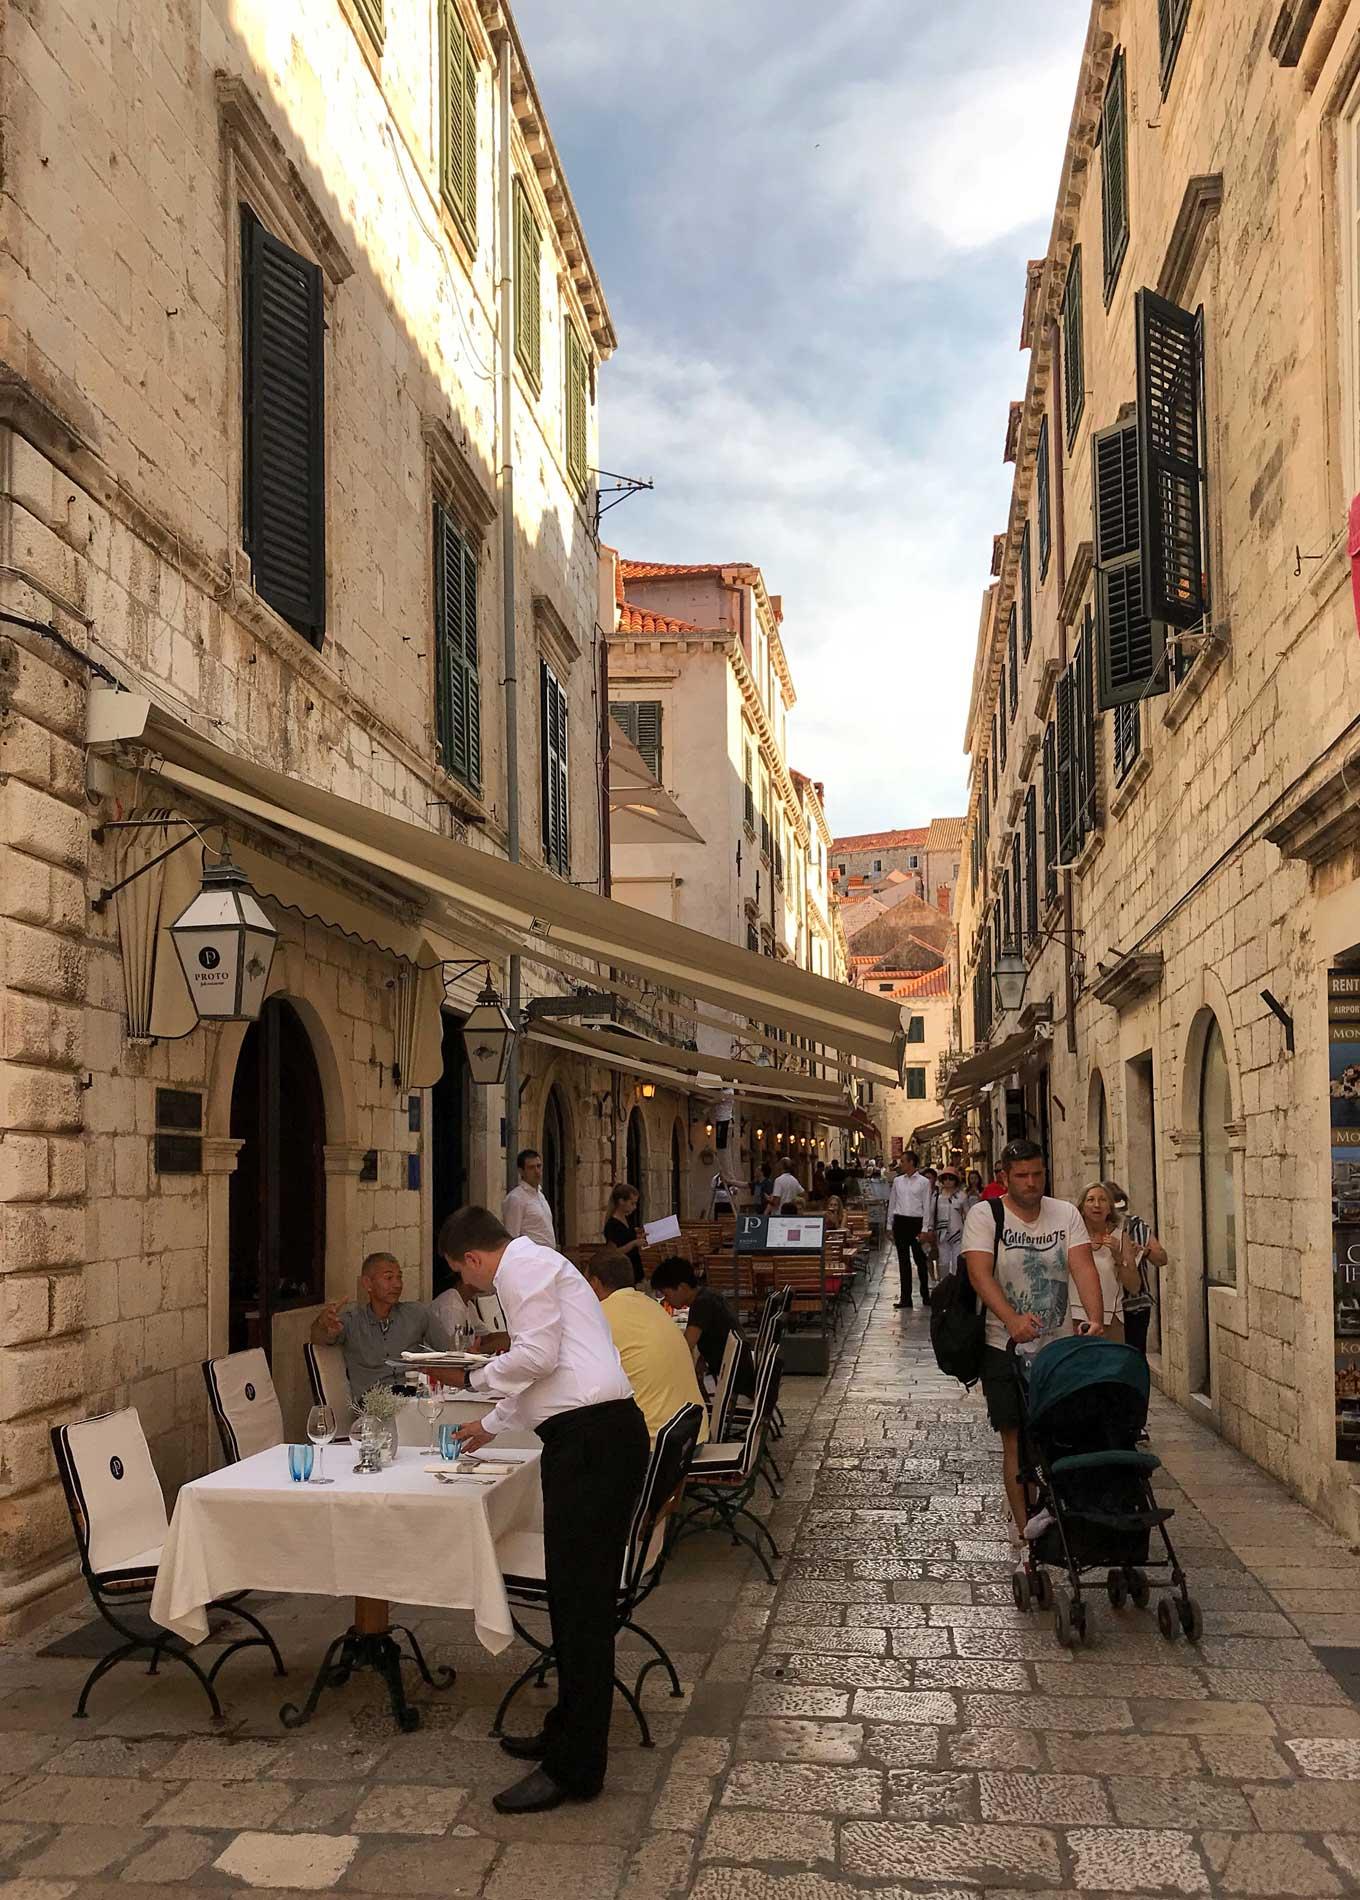 Dubrovnik-Croazia-strada-Citta-Vecchia-turisti-tavolini